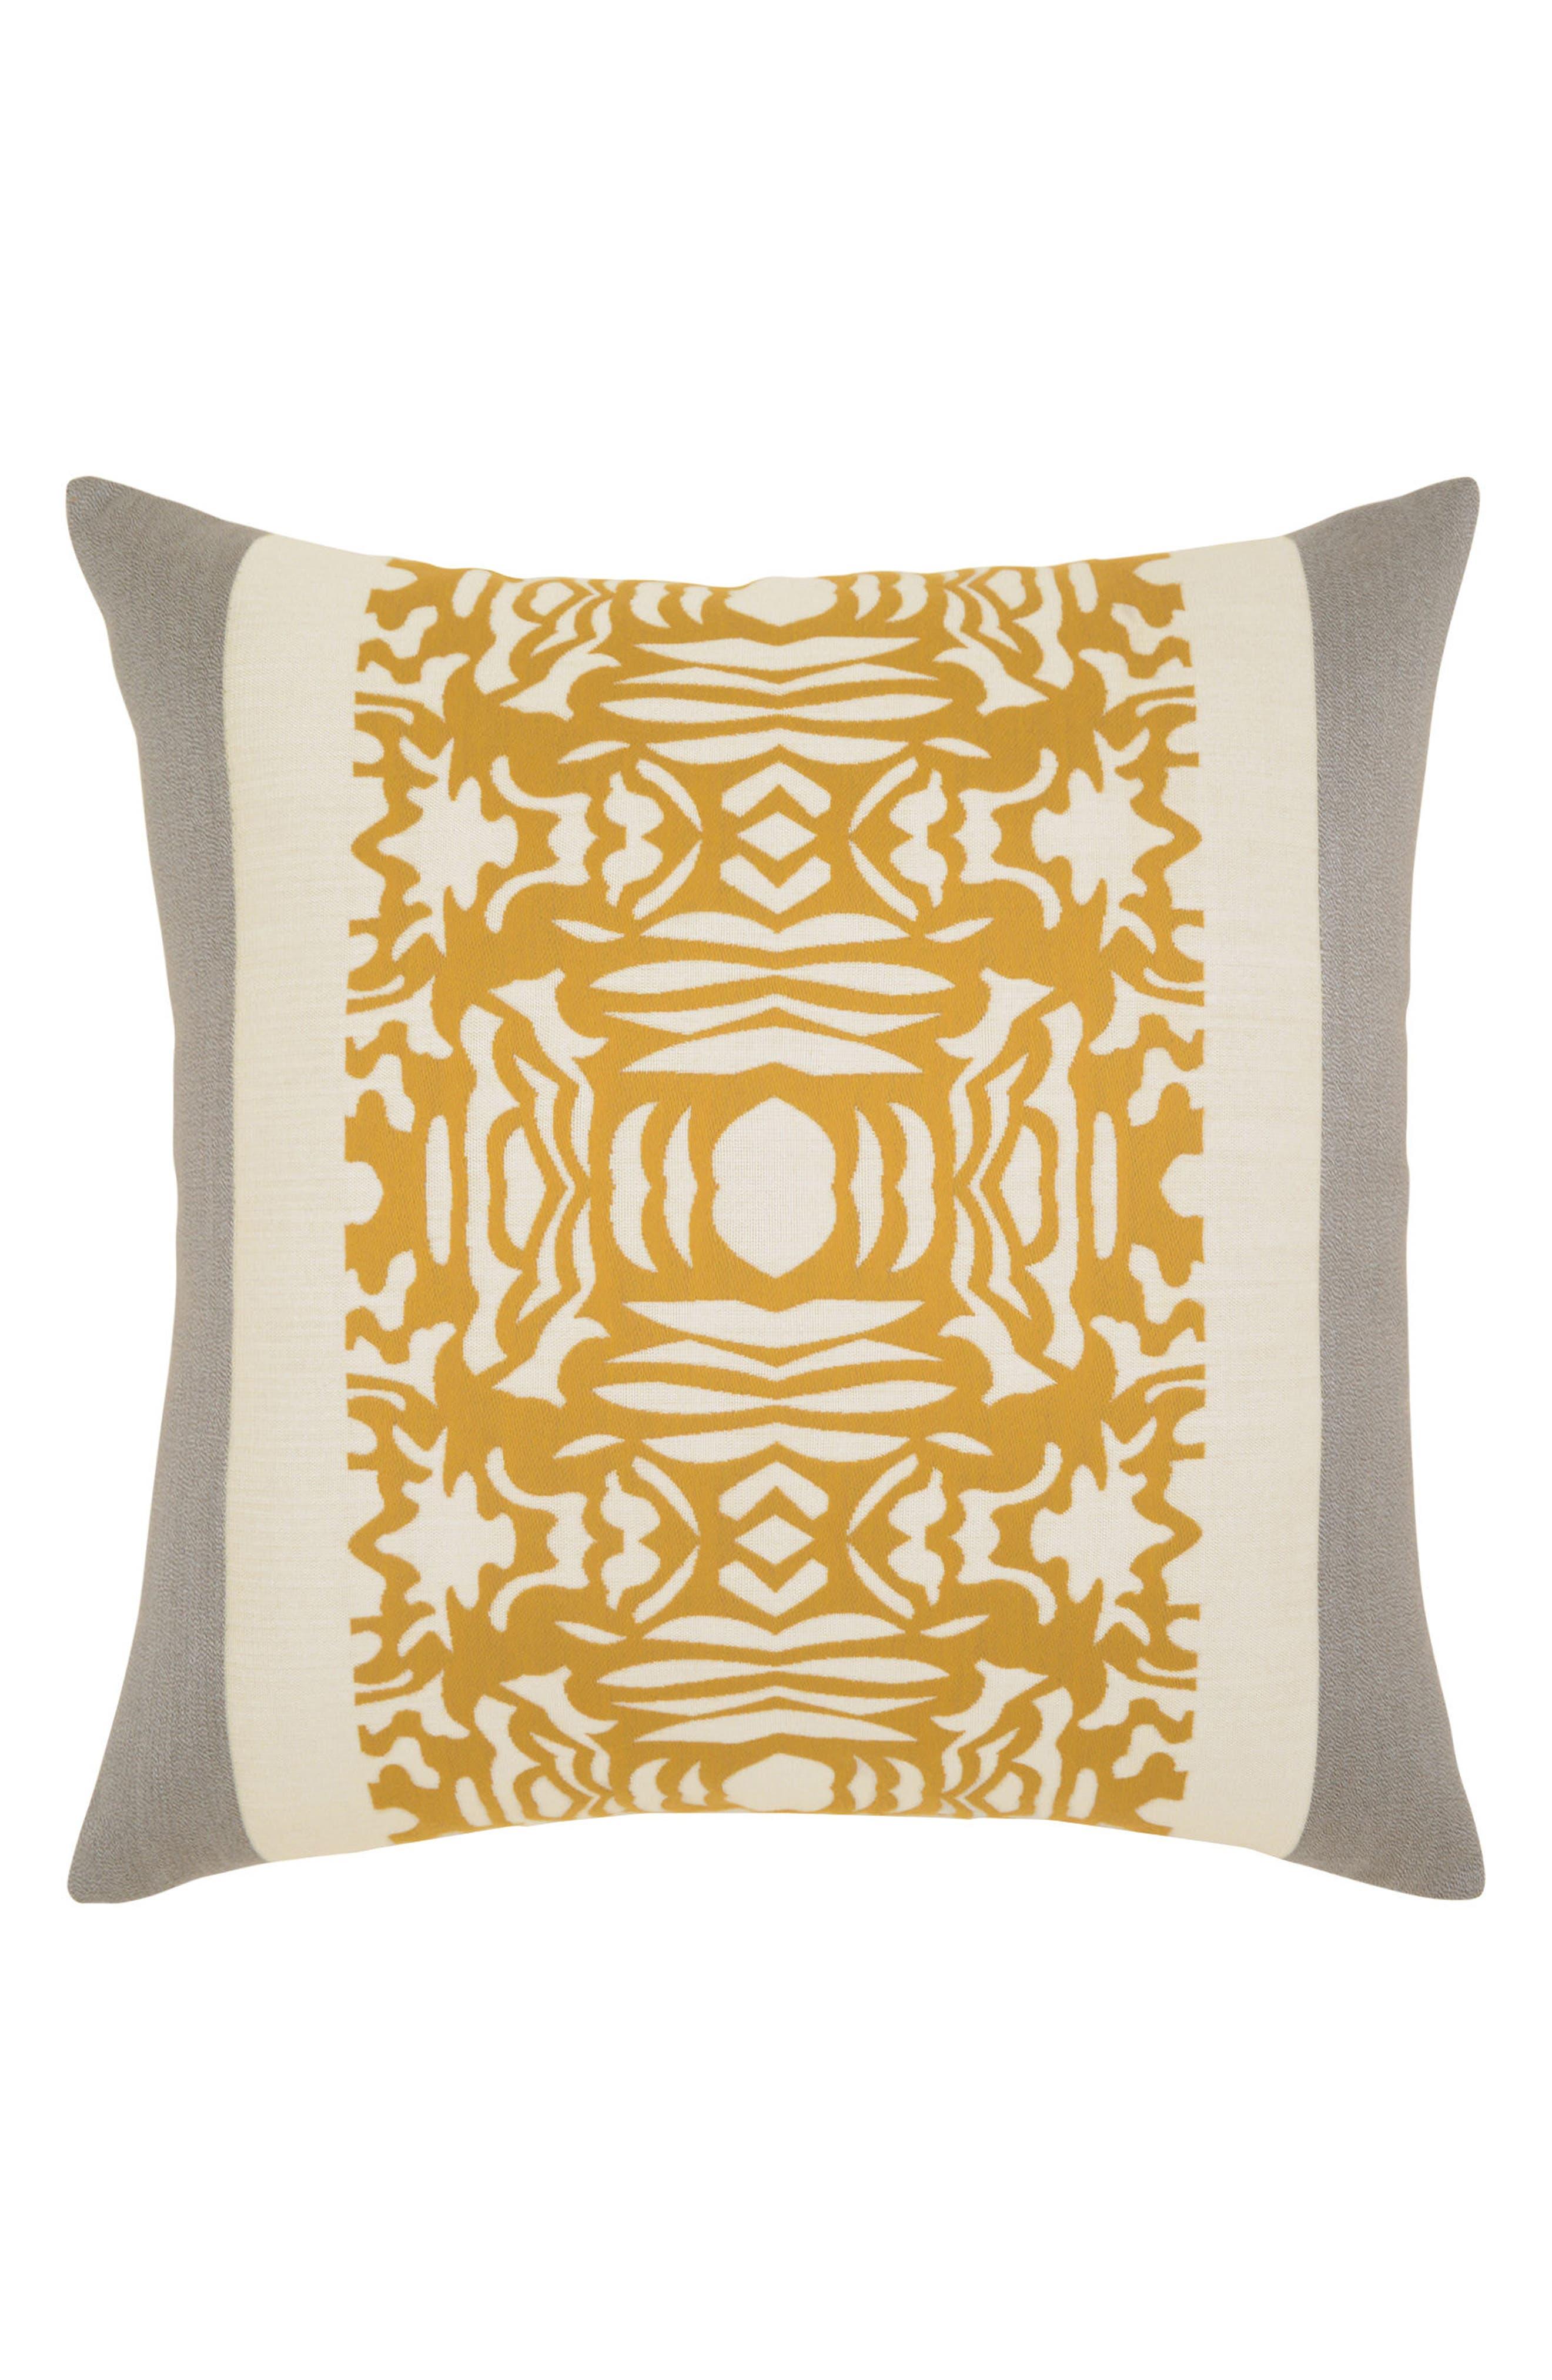 Metallic Block Indoor/Outdoor Accent Pillow,                             Main thumbnail 1, color,                             Gold/ Grey